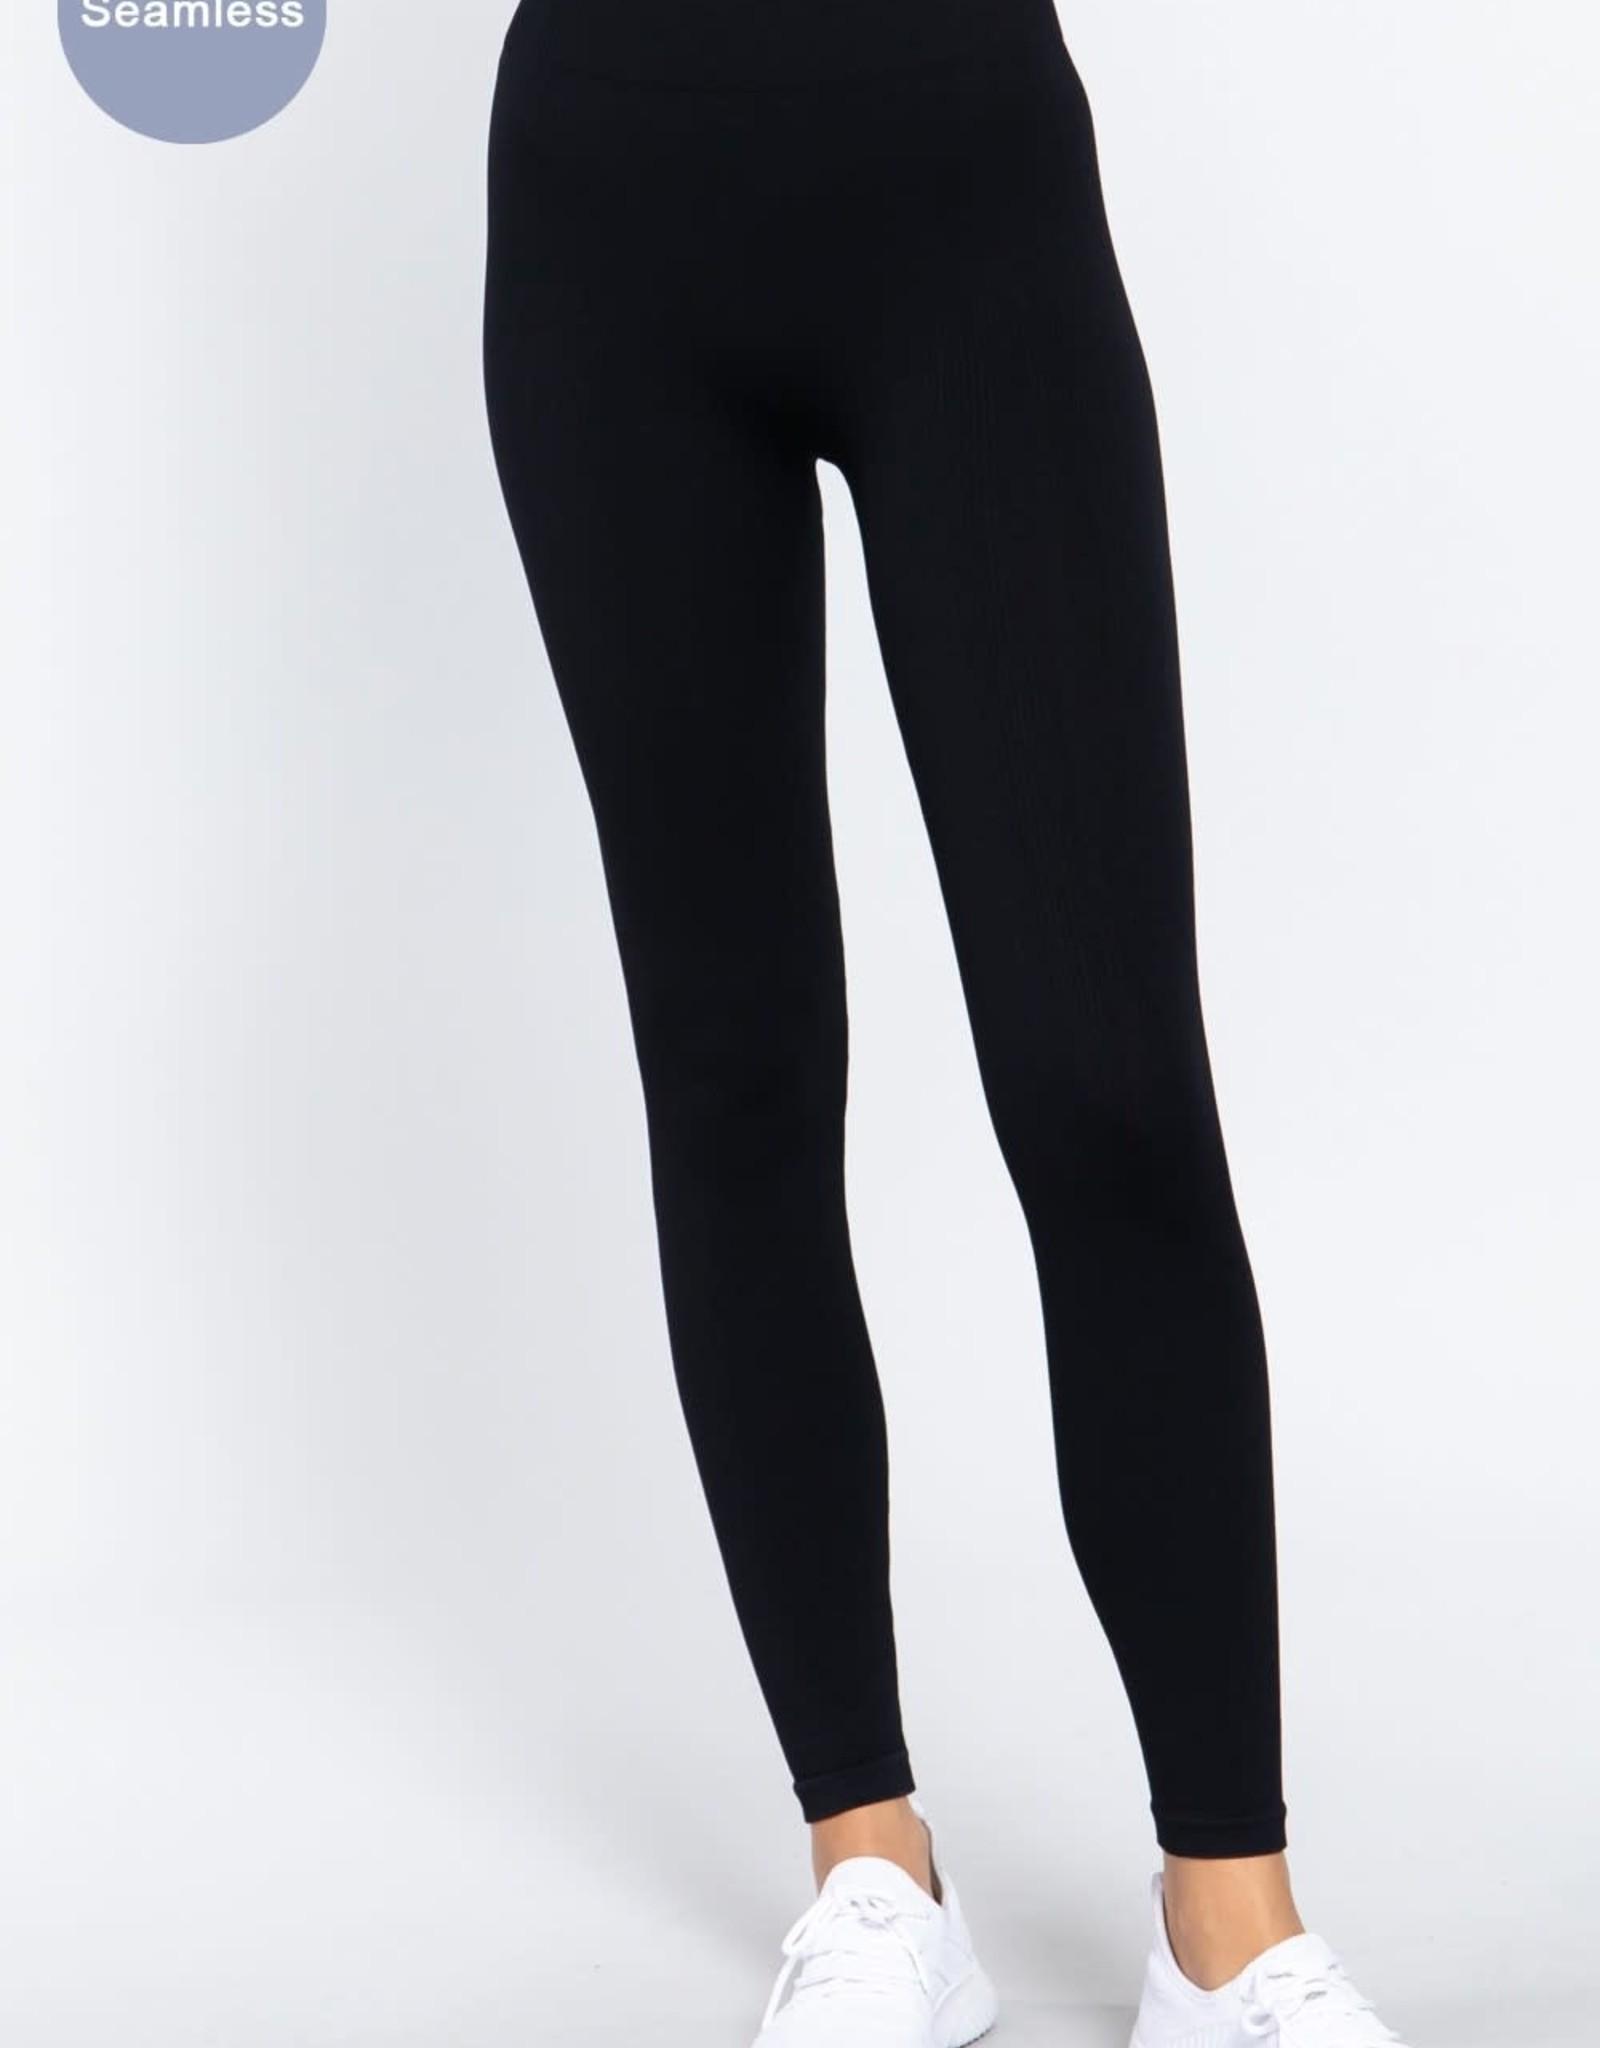 Miss Bliss Essential Basic Leggings- Black